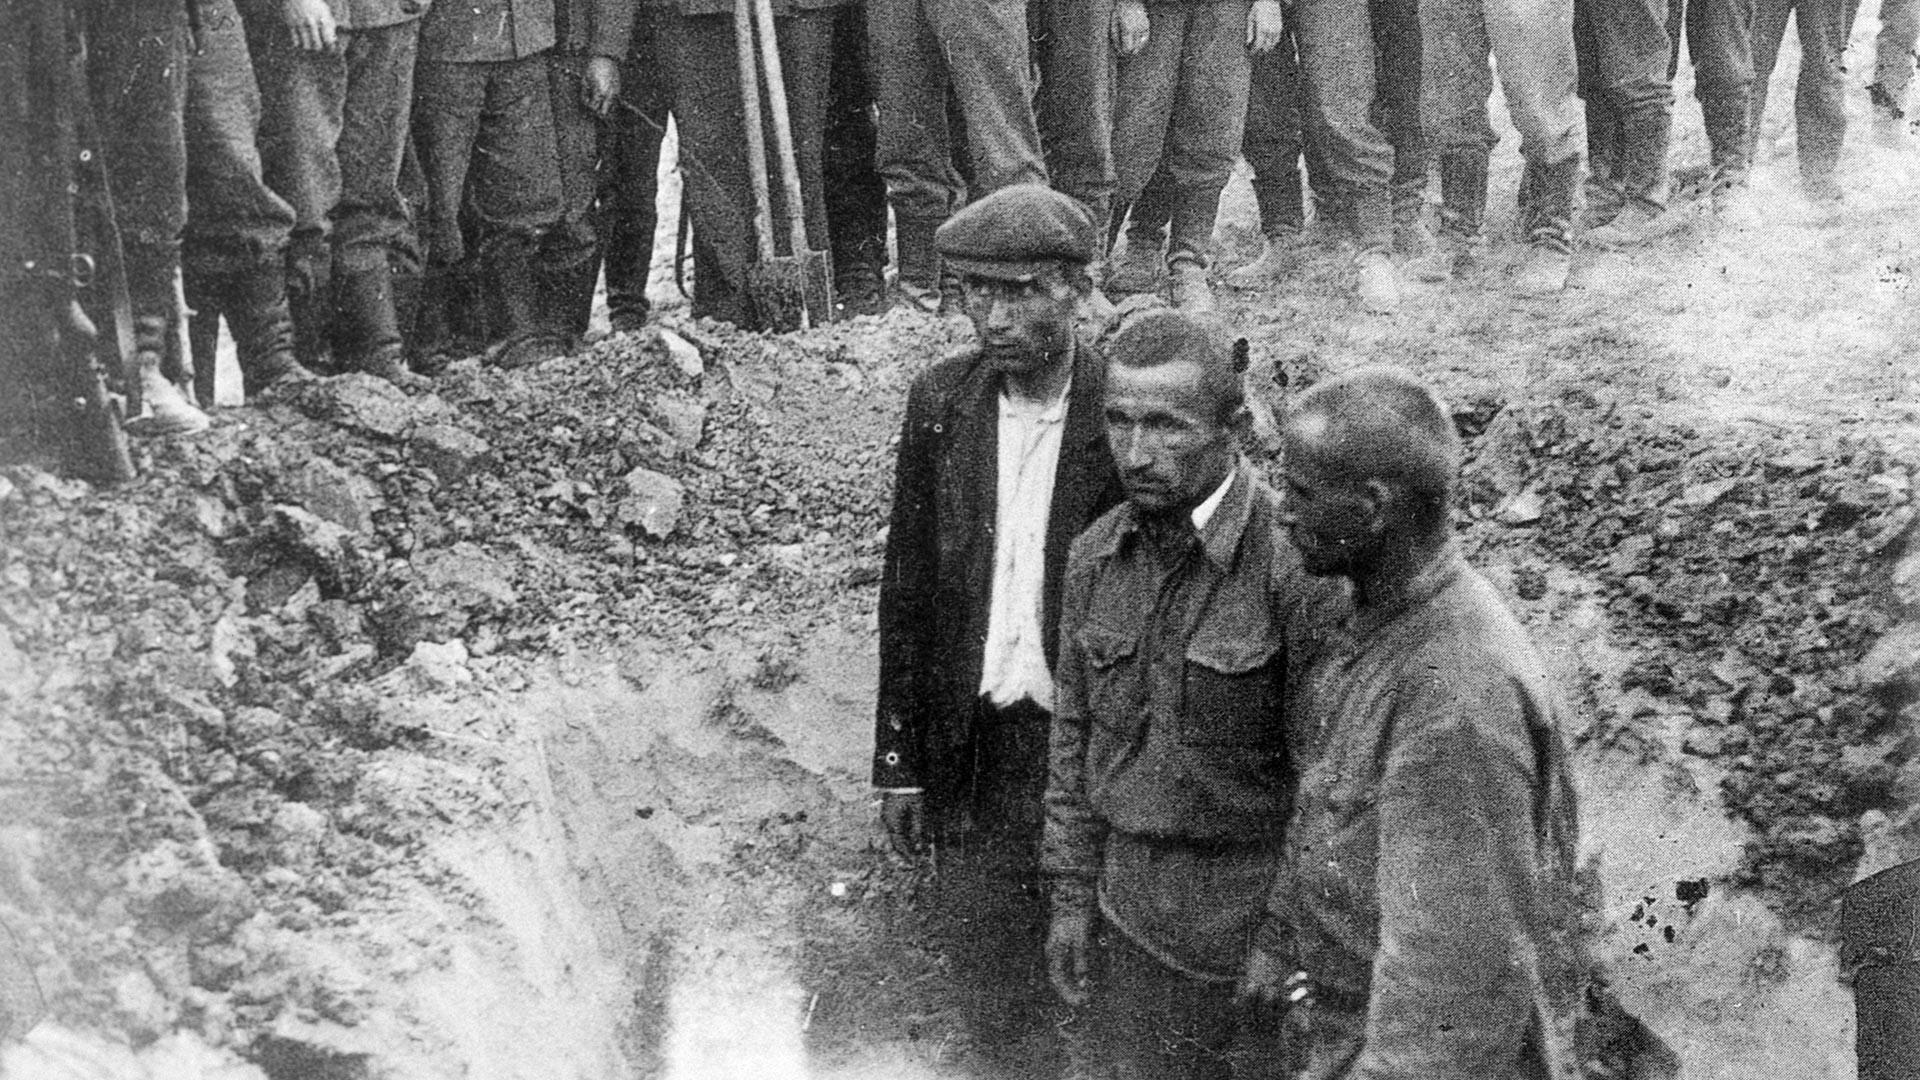 Съветски военнопленници, които сами копаят гроба си, преди да бъдат разстреляни през 1941 г.